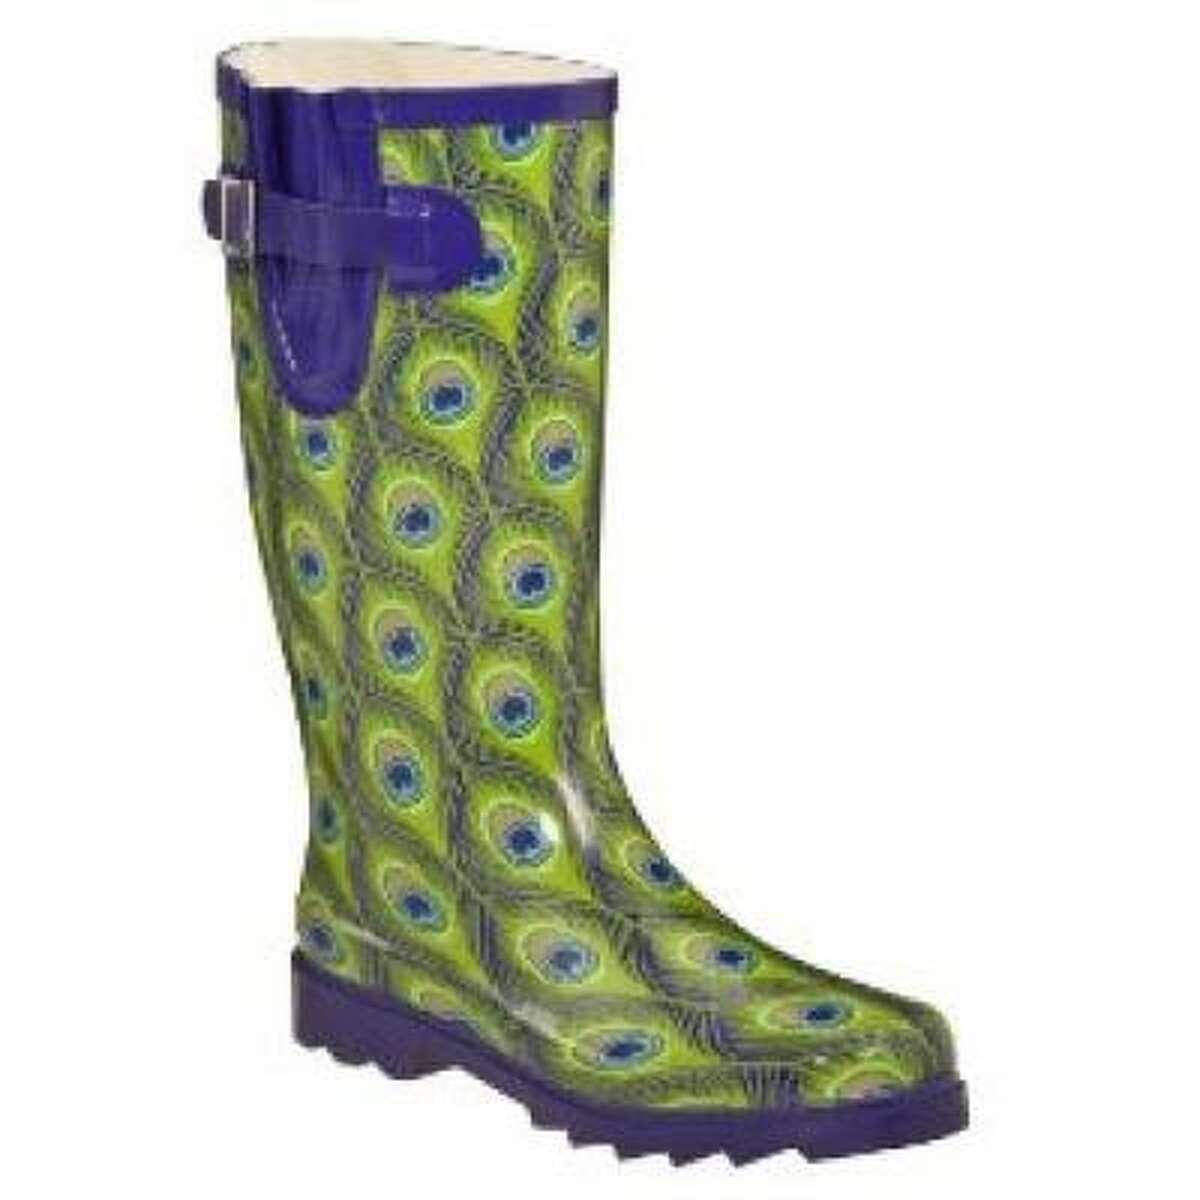 Kamik Wales Rain Boot, $59.95 at endless.com.